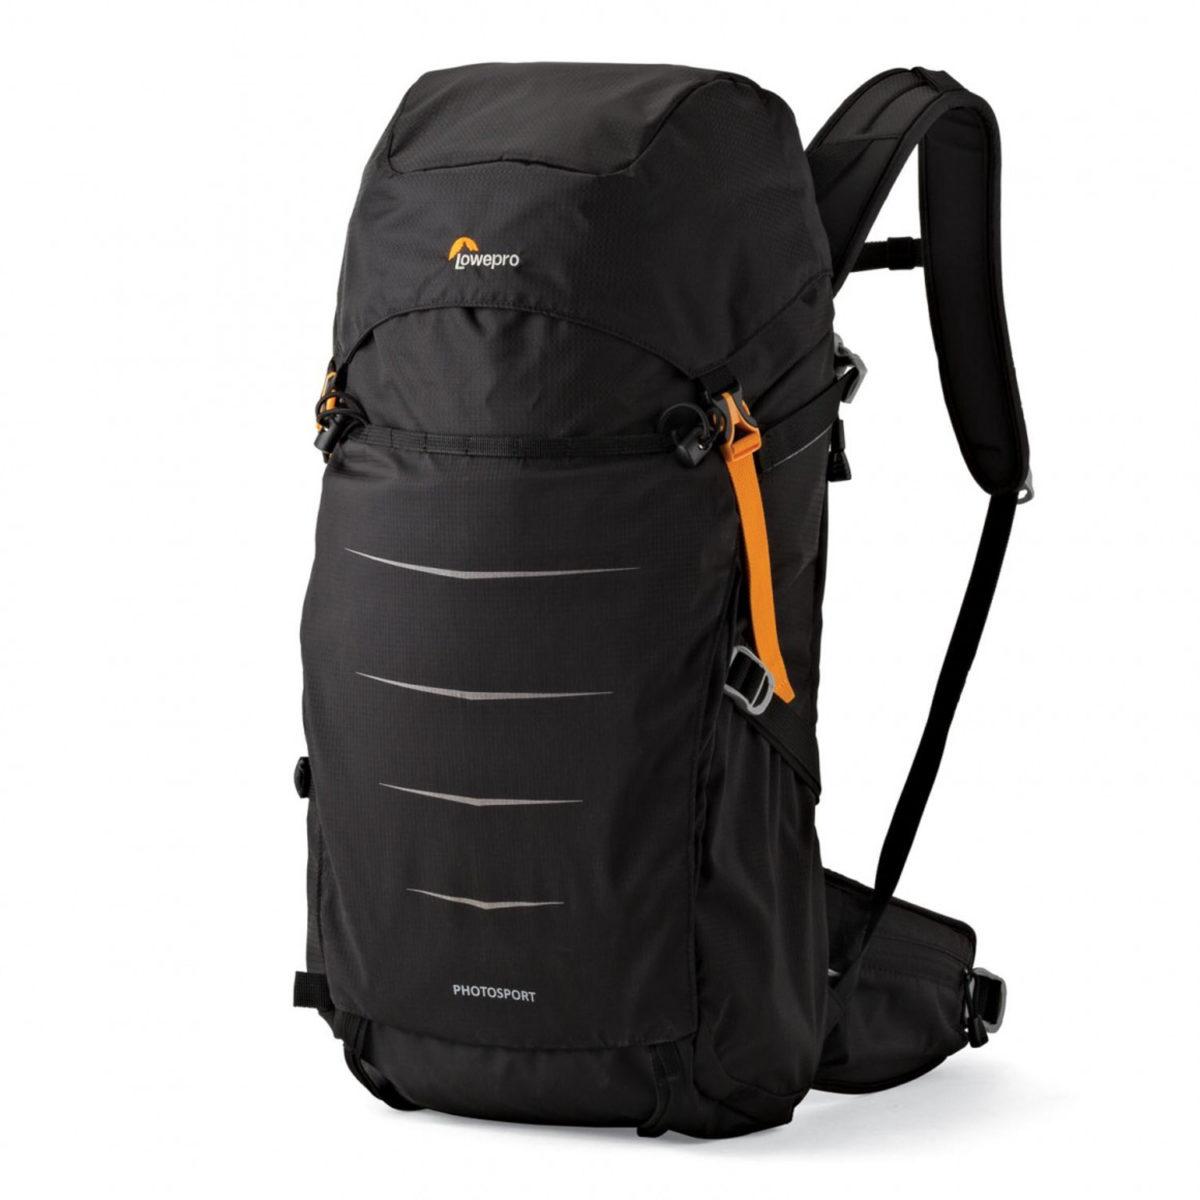 Lowepro photosport backpack